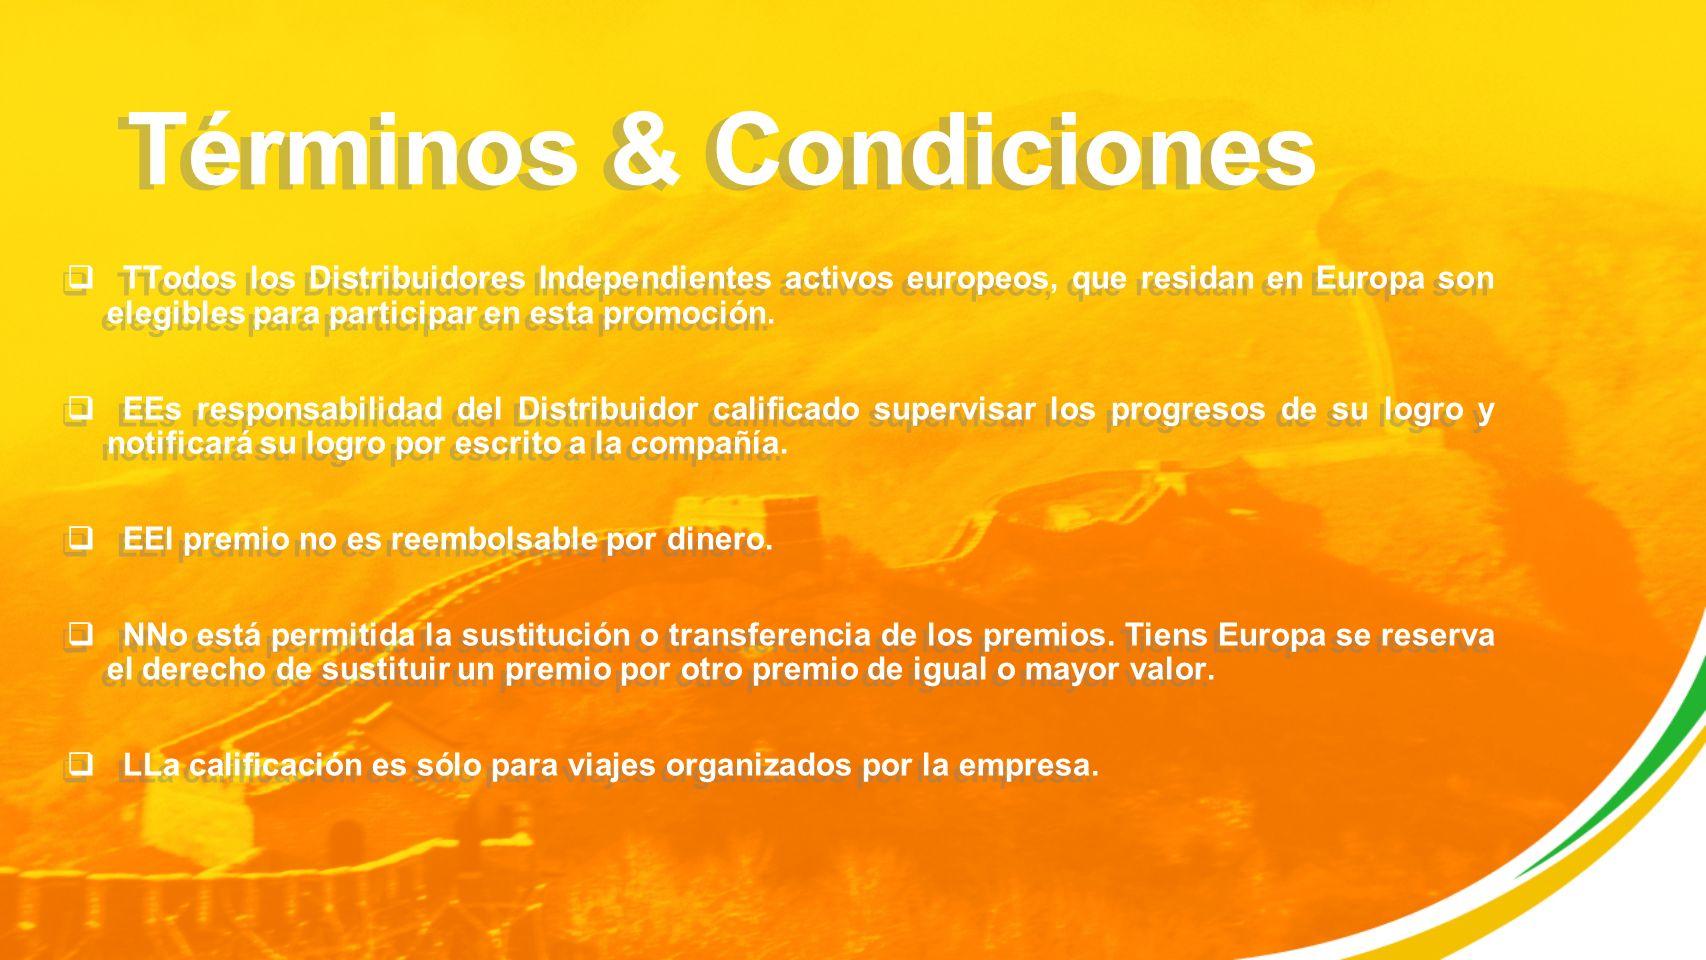 Términos & Condiciones TTodos los Distribuidores Independientes activos europeos, que residan en Europa son elegibles para participar en esta promoción.